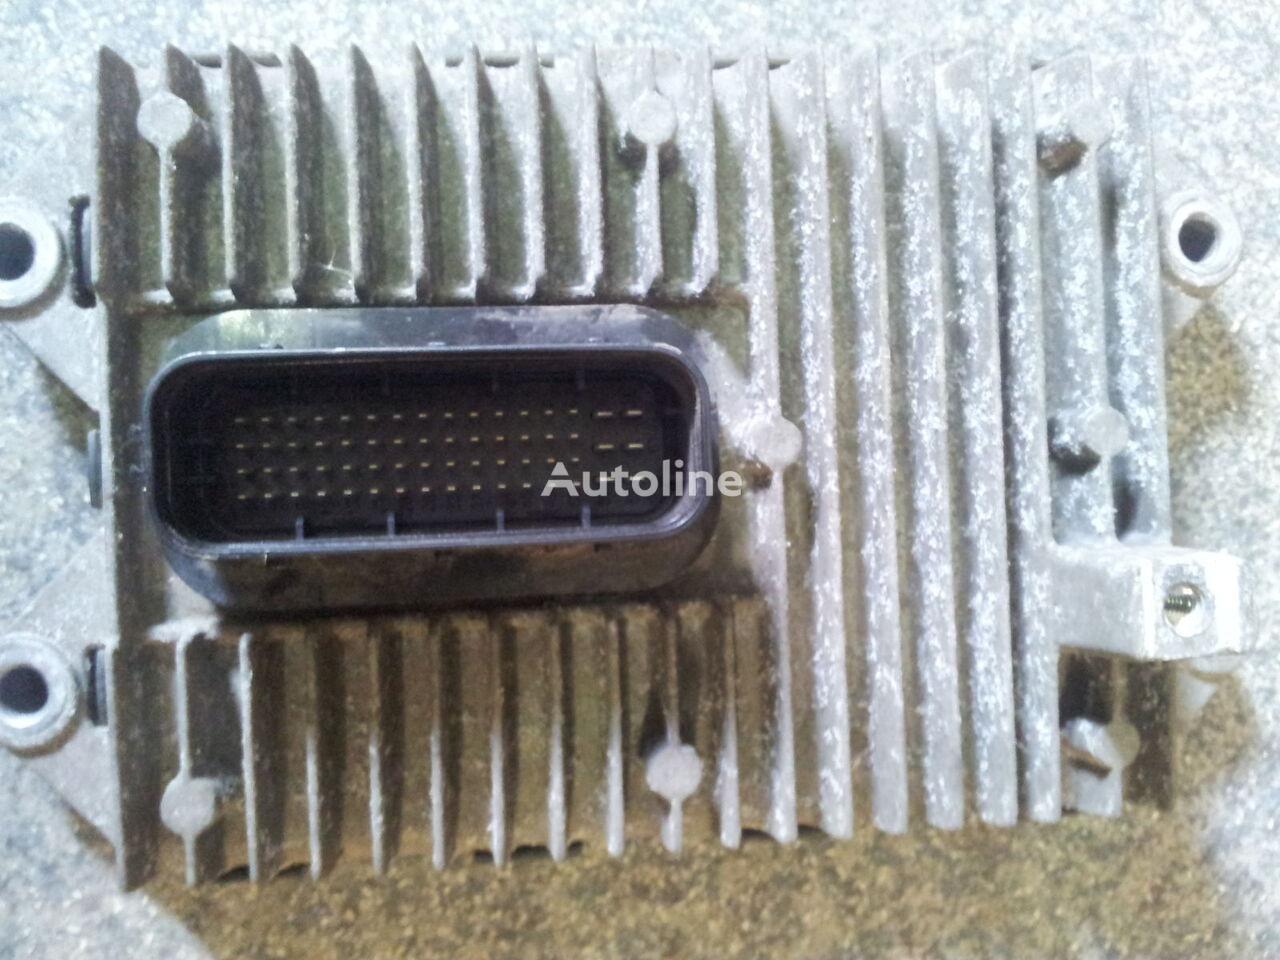 VOLVO FH4 EURO 6, AD-Blue URETARD, RET-TH control unit, 21911783, 2191 unidad de control para VOLVO FH4 tractora